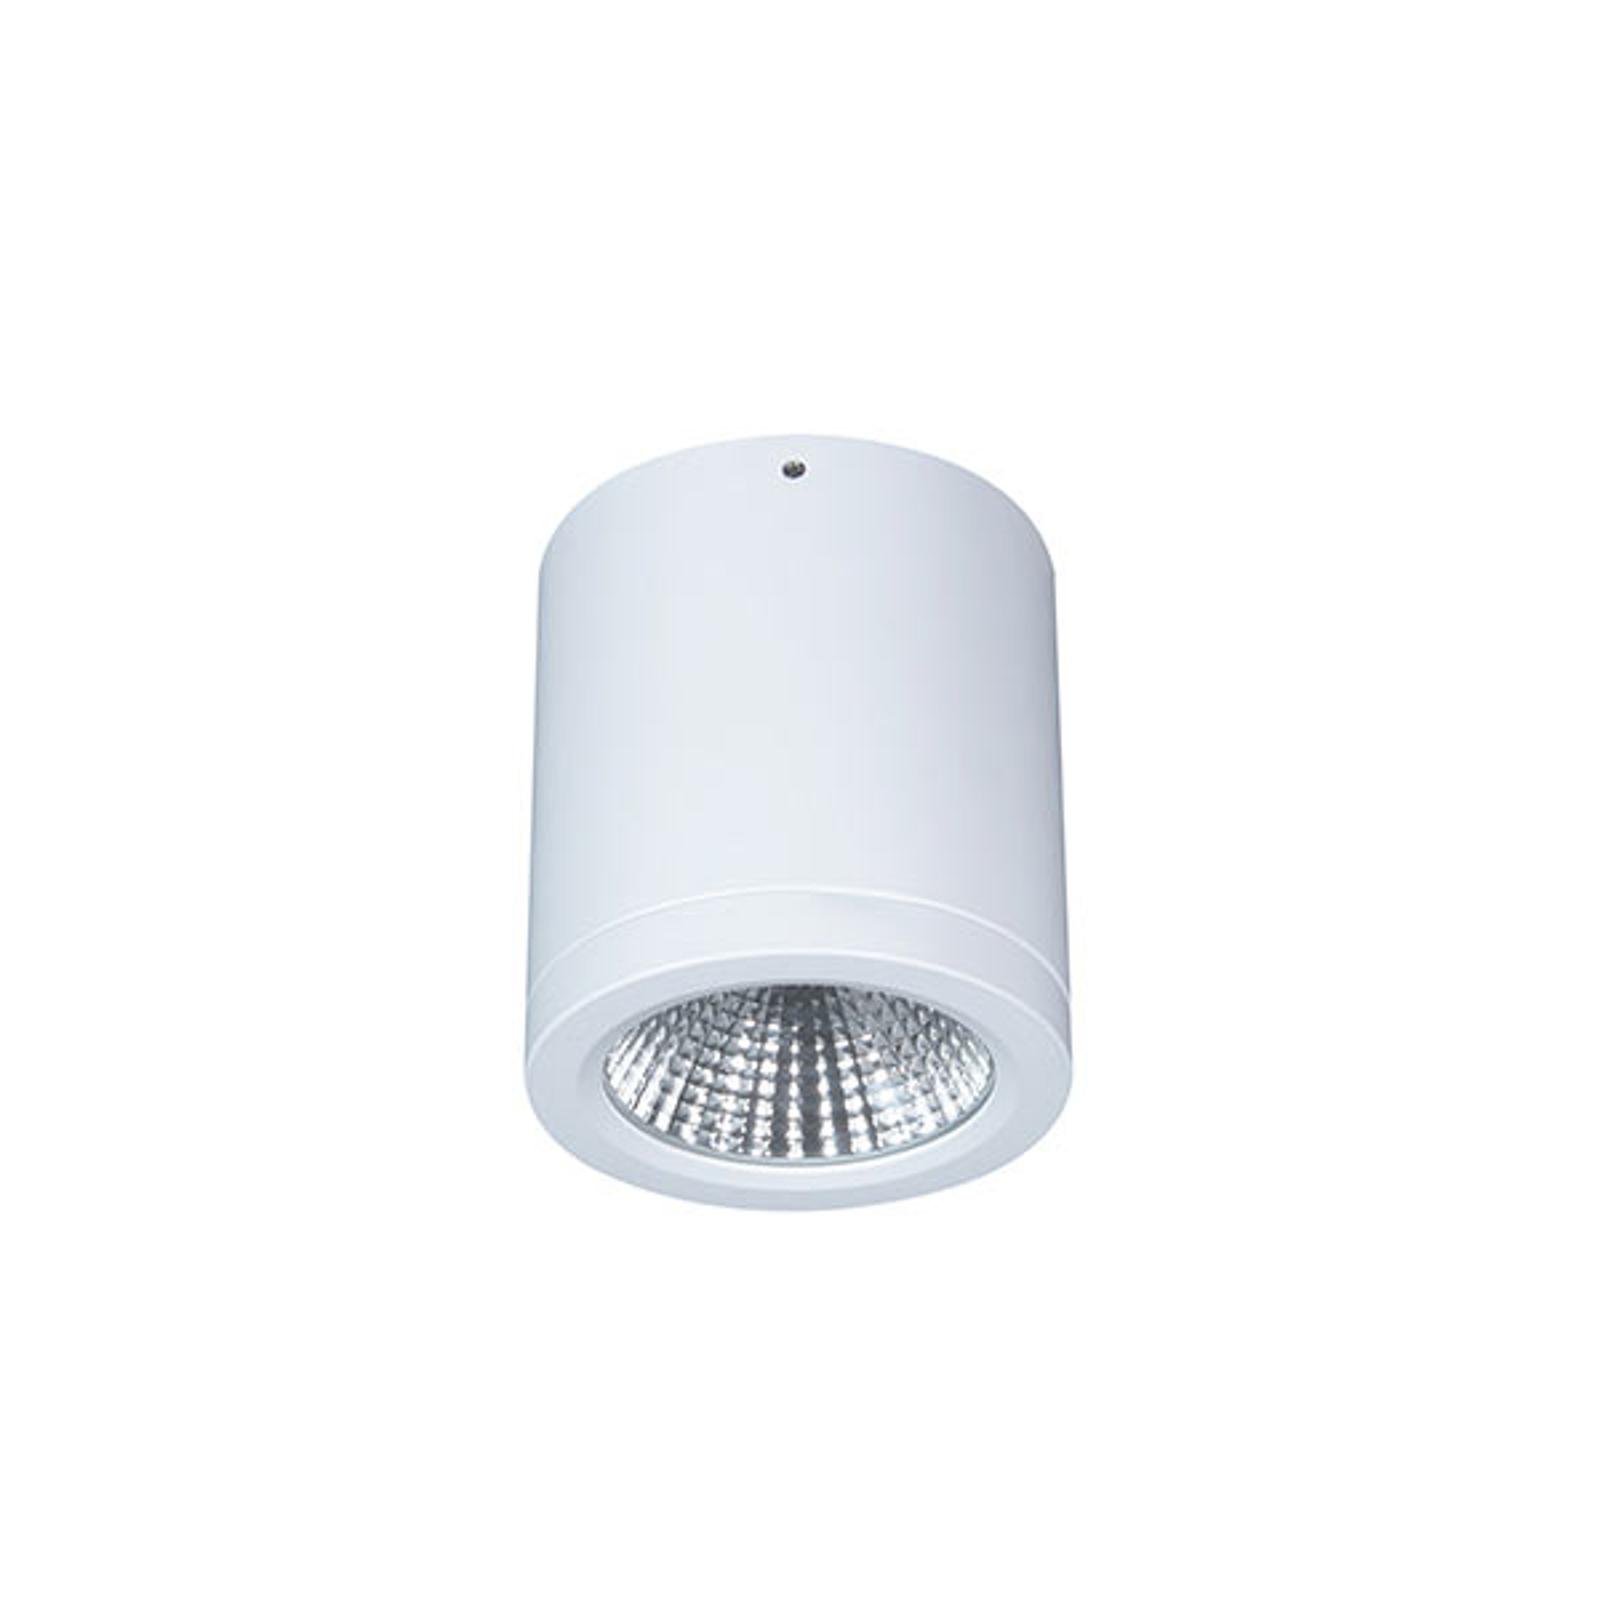 Faretto LED plafone Button Mini 100 IP54 55° 16 W